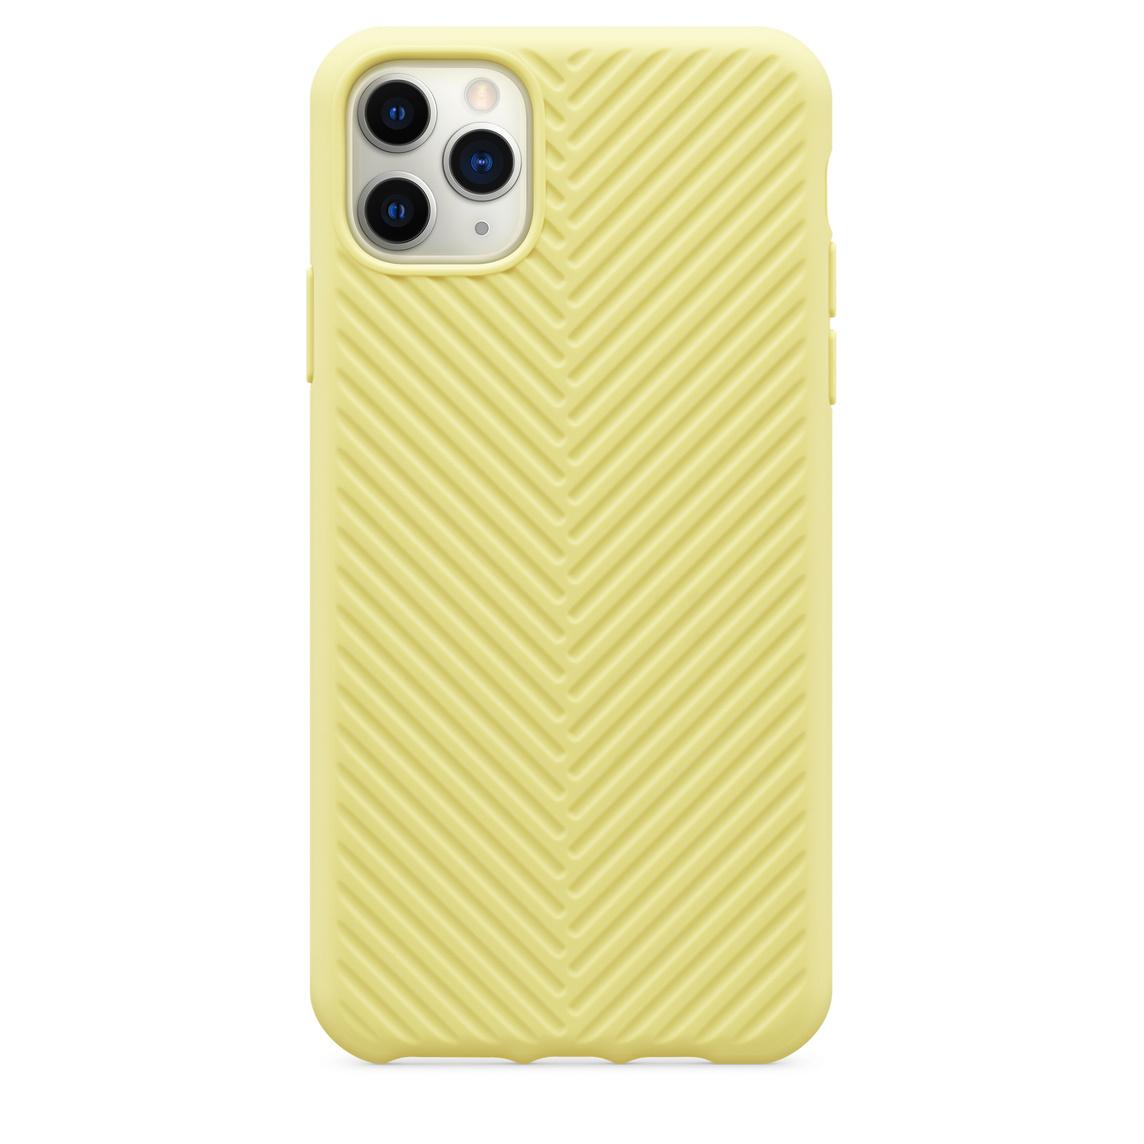 Étui Figura Series d'OtterBox pour iPhone 11 Pro Max - Jaune